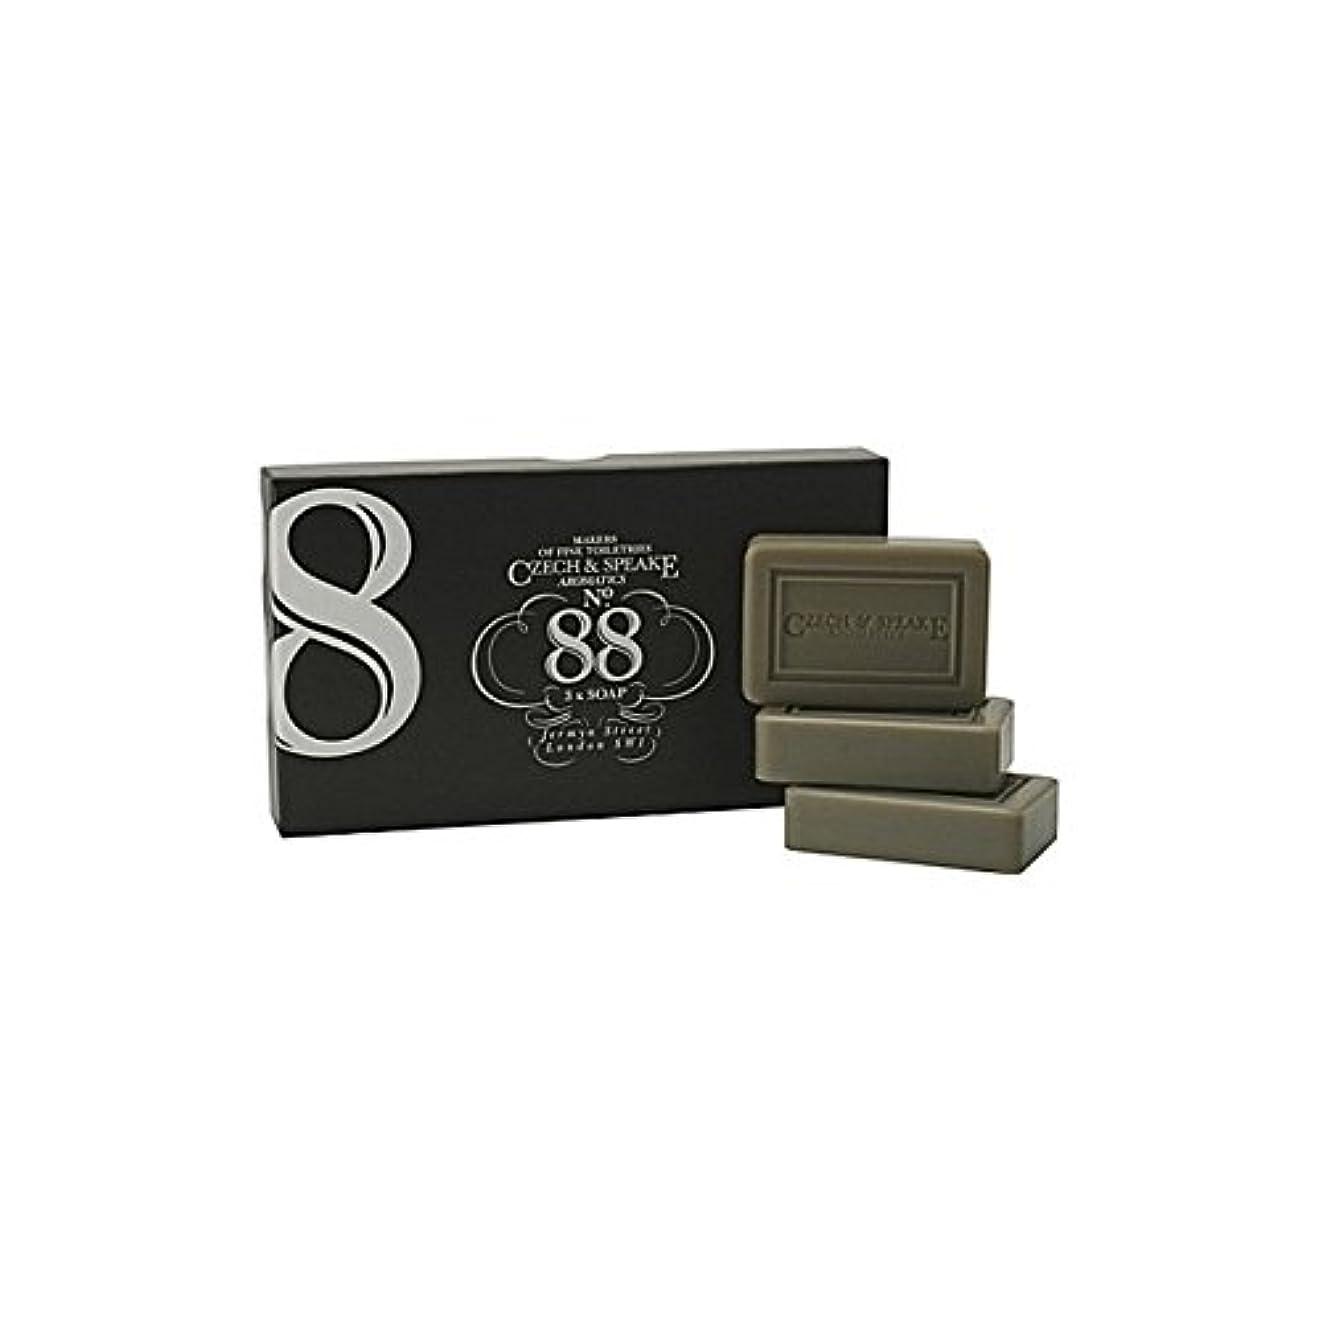 発生器空洞口述チェコ&スピーク.88ソープセット x2 - Czech & Speake No.88 Soap Set (Pack of 2) [並行輸入品]